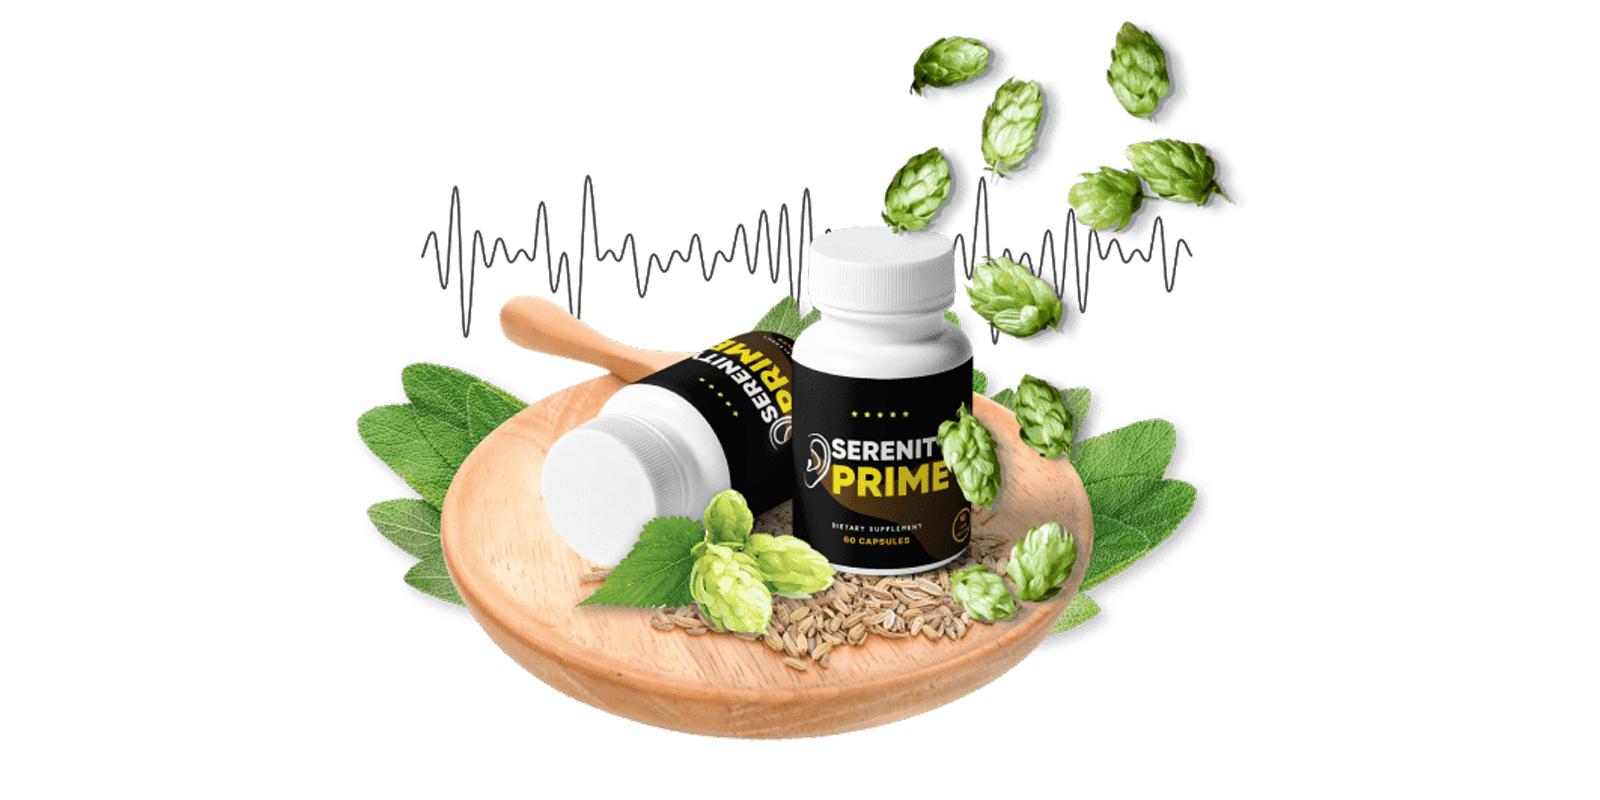 Serenity Prime benefits